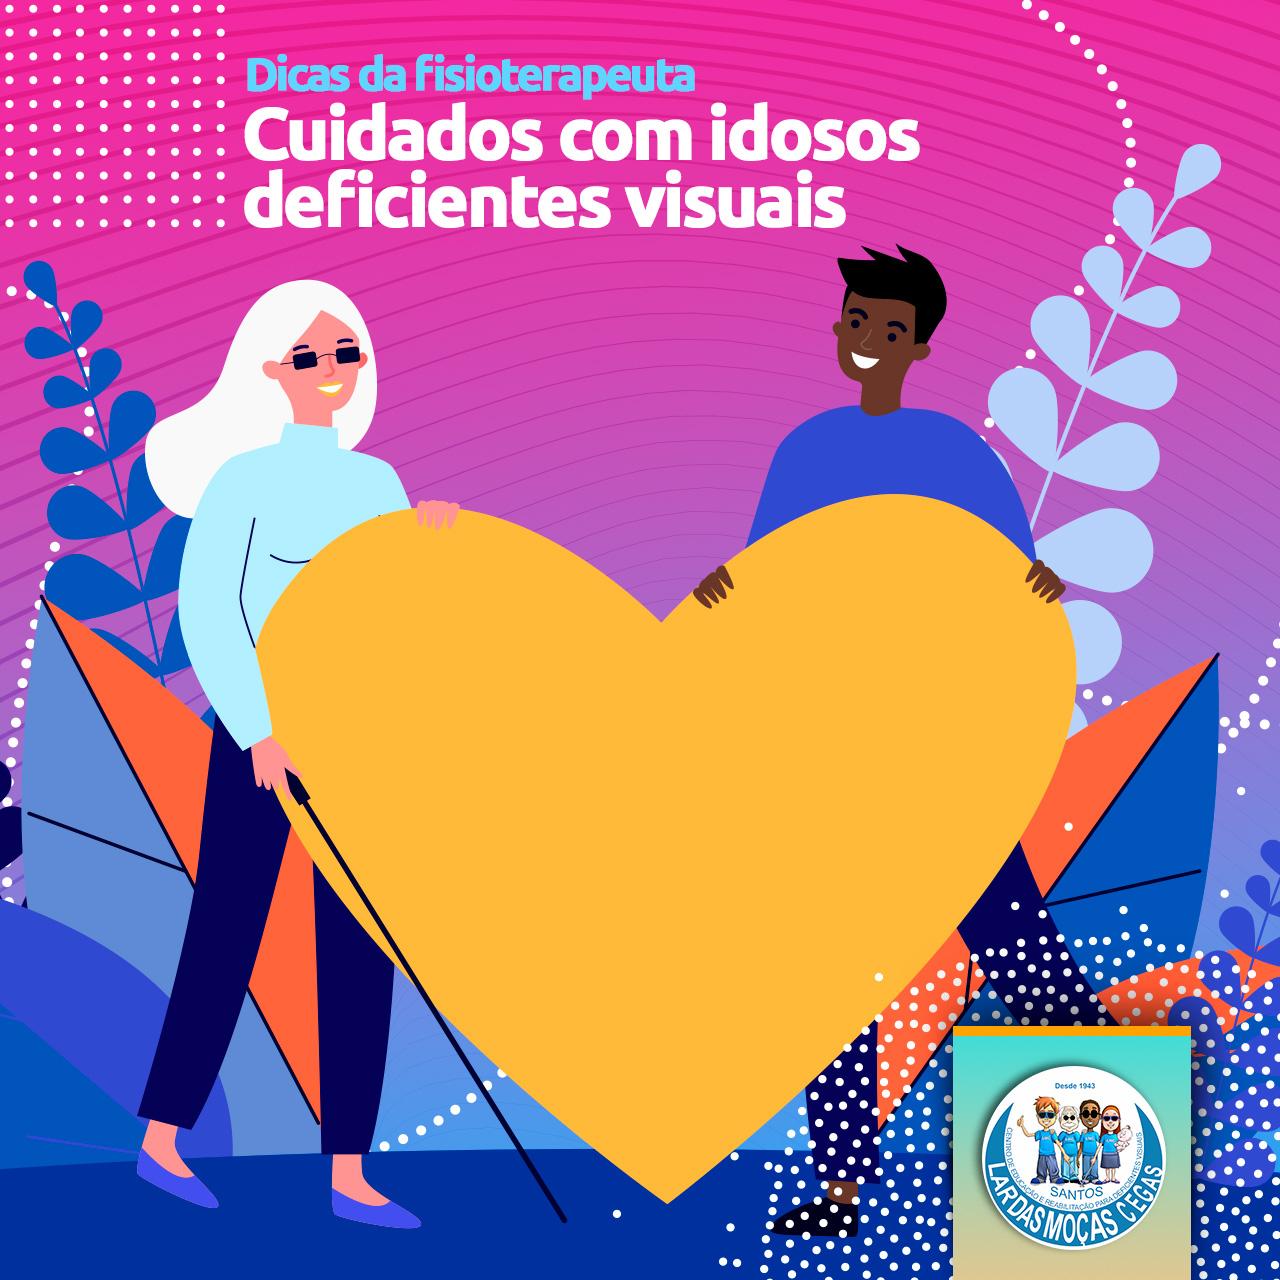 Confira dicas para cuidados com idosos com deficiências visuais